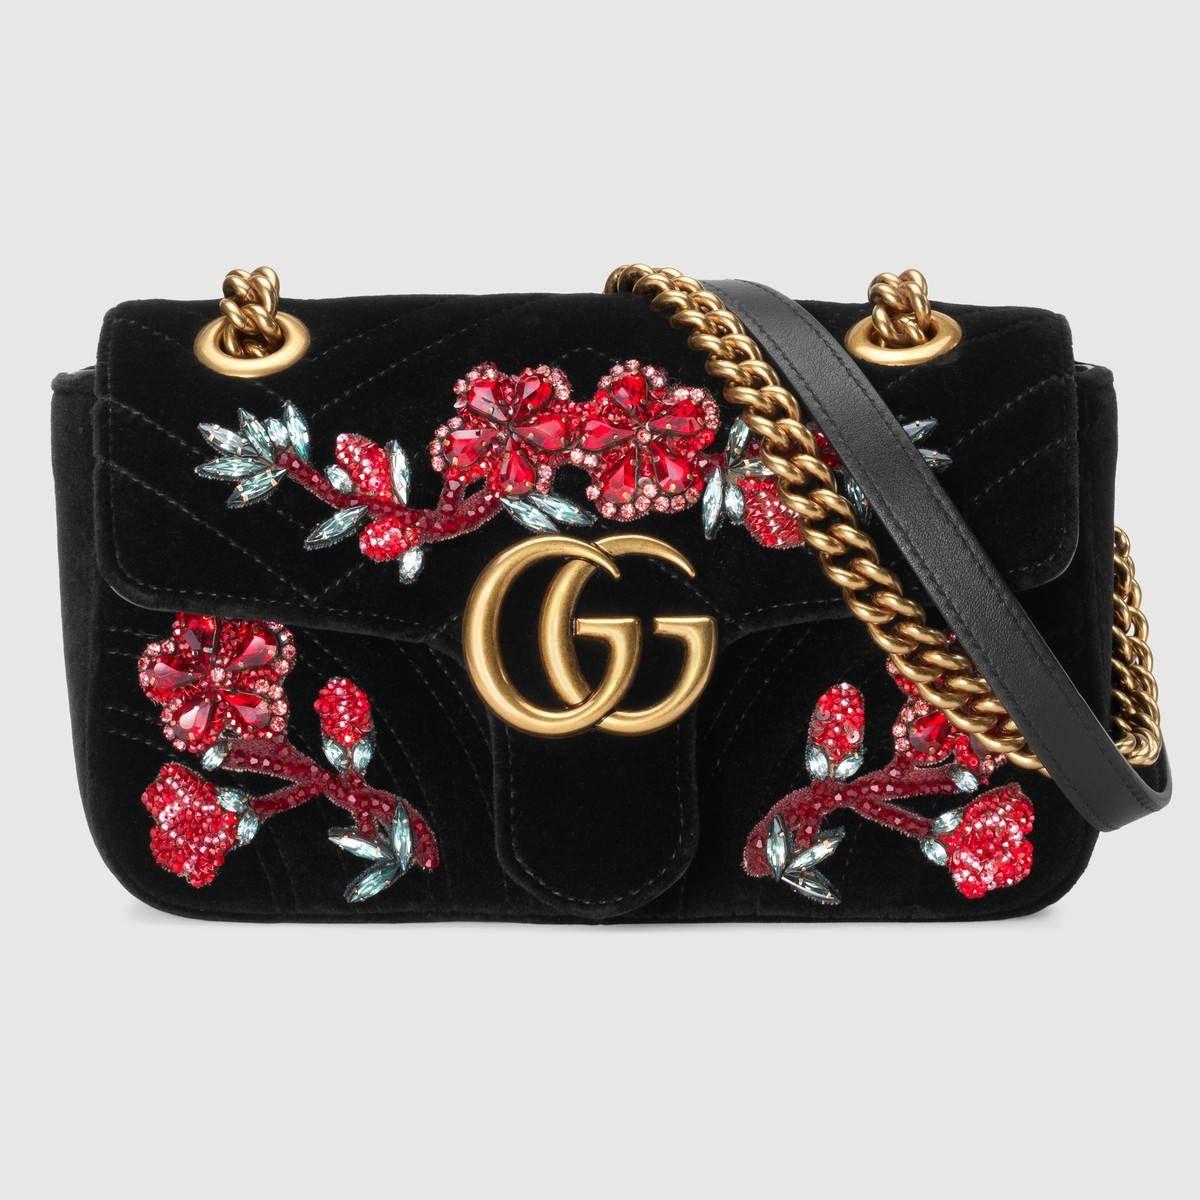 8aa817179e GUCCI GG Marmont embroidered velvet mini bag - black chevron velvet ...